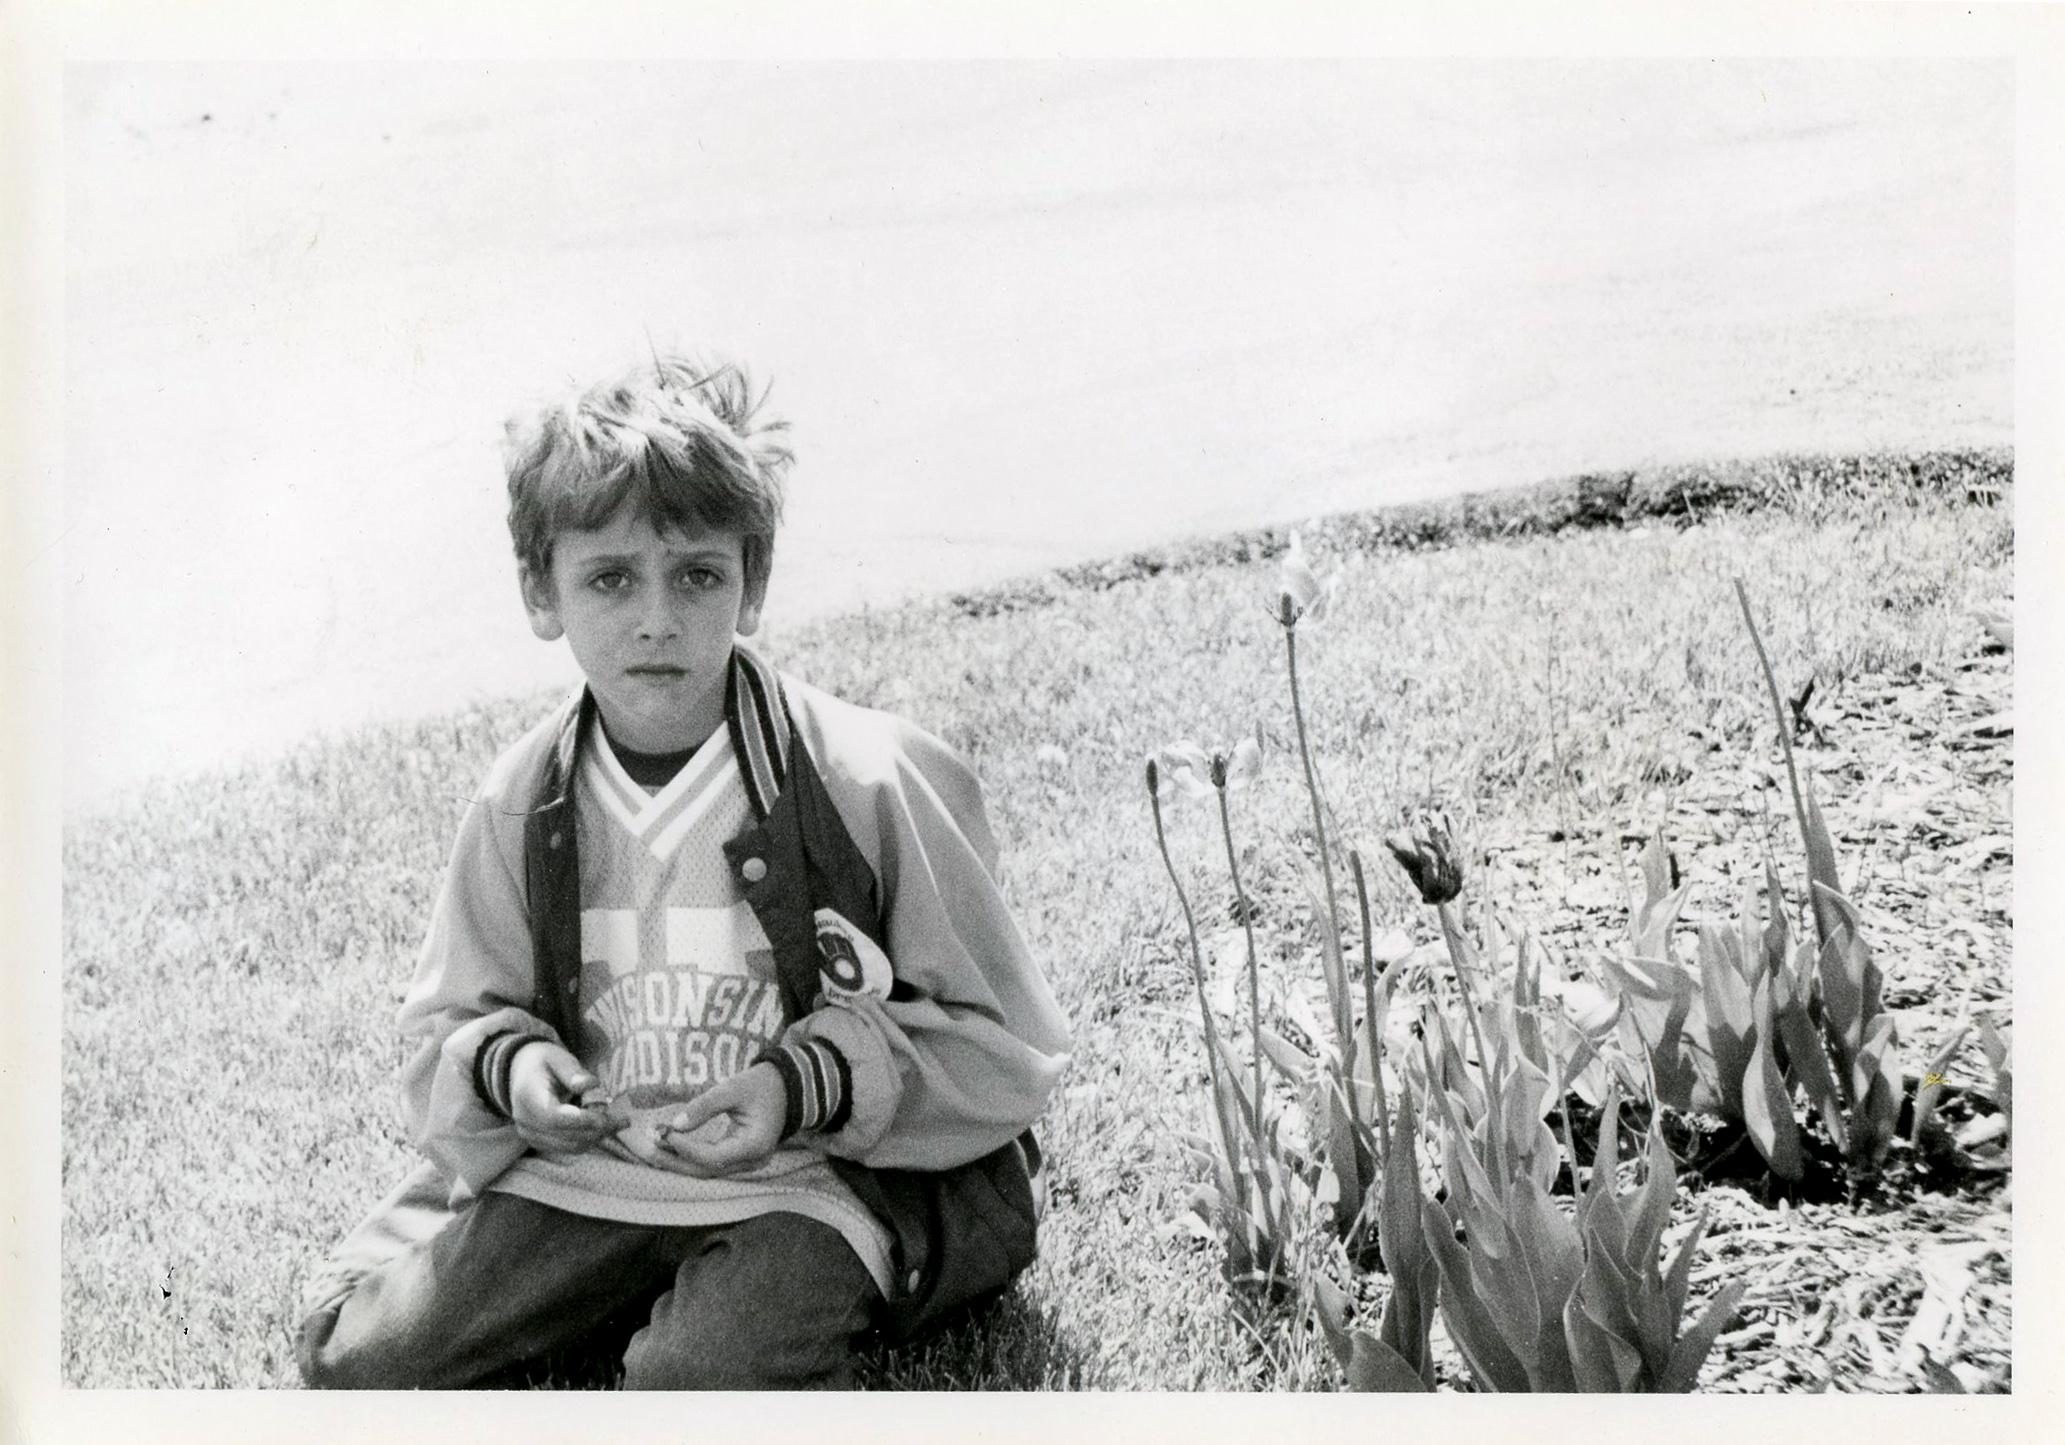 Wisconsin, 1978 - never happier